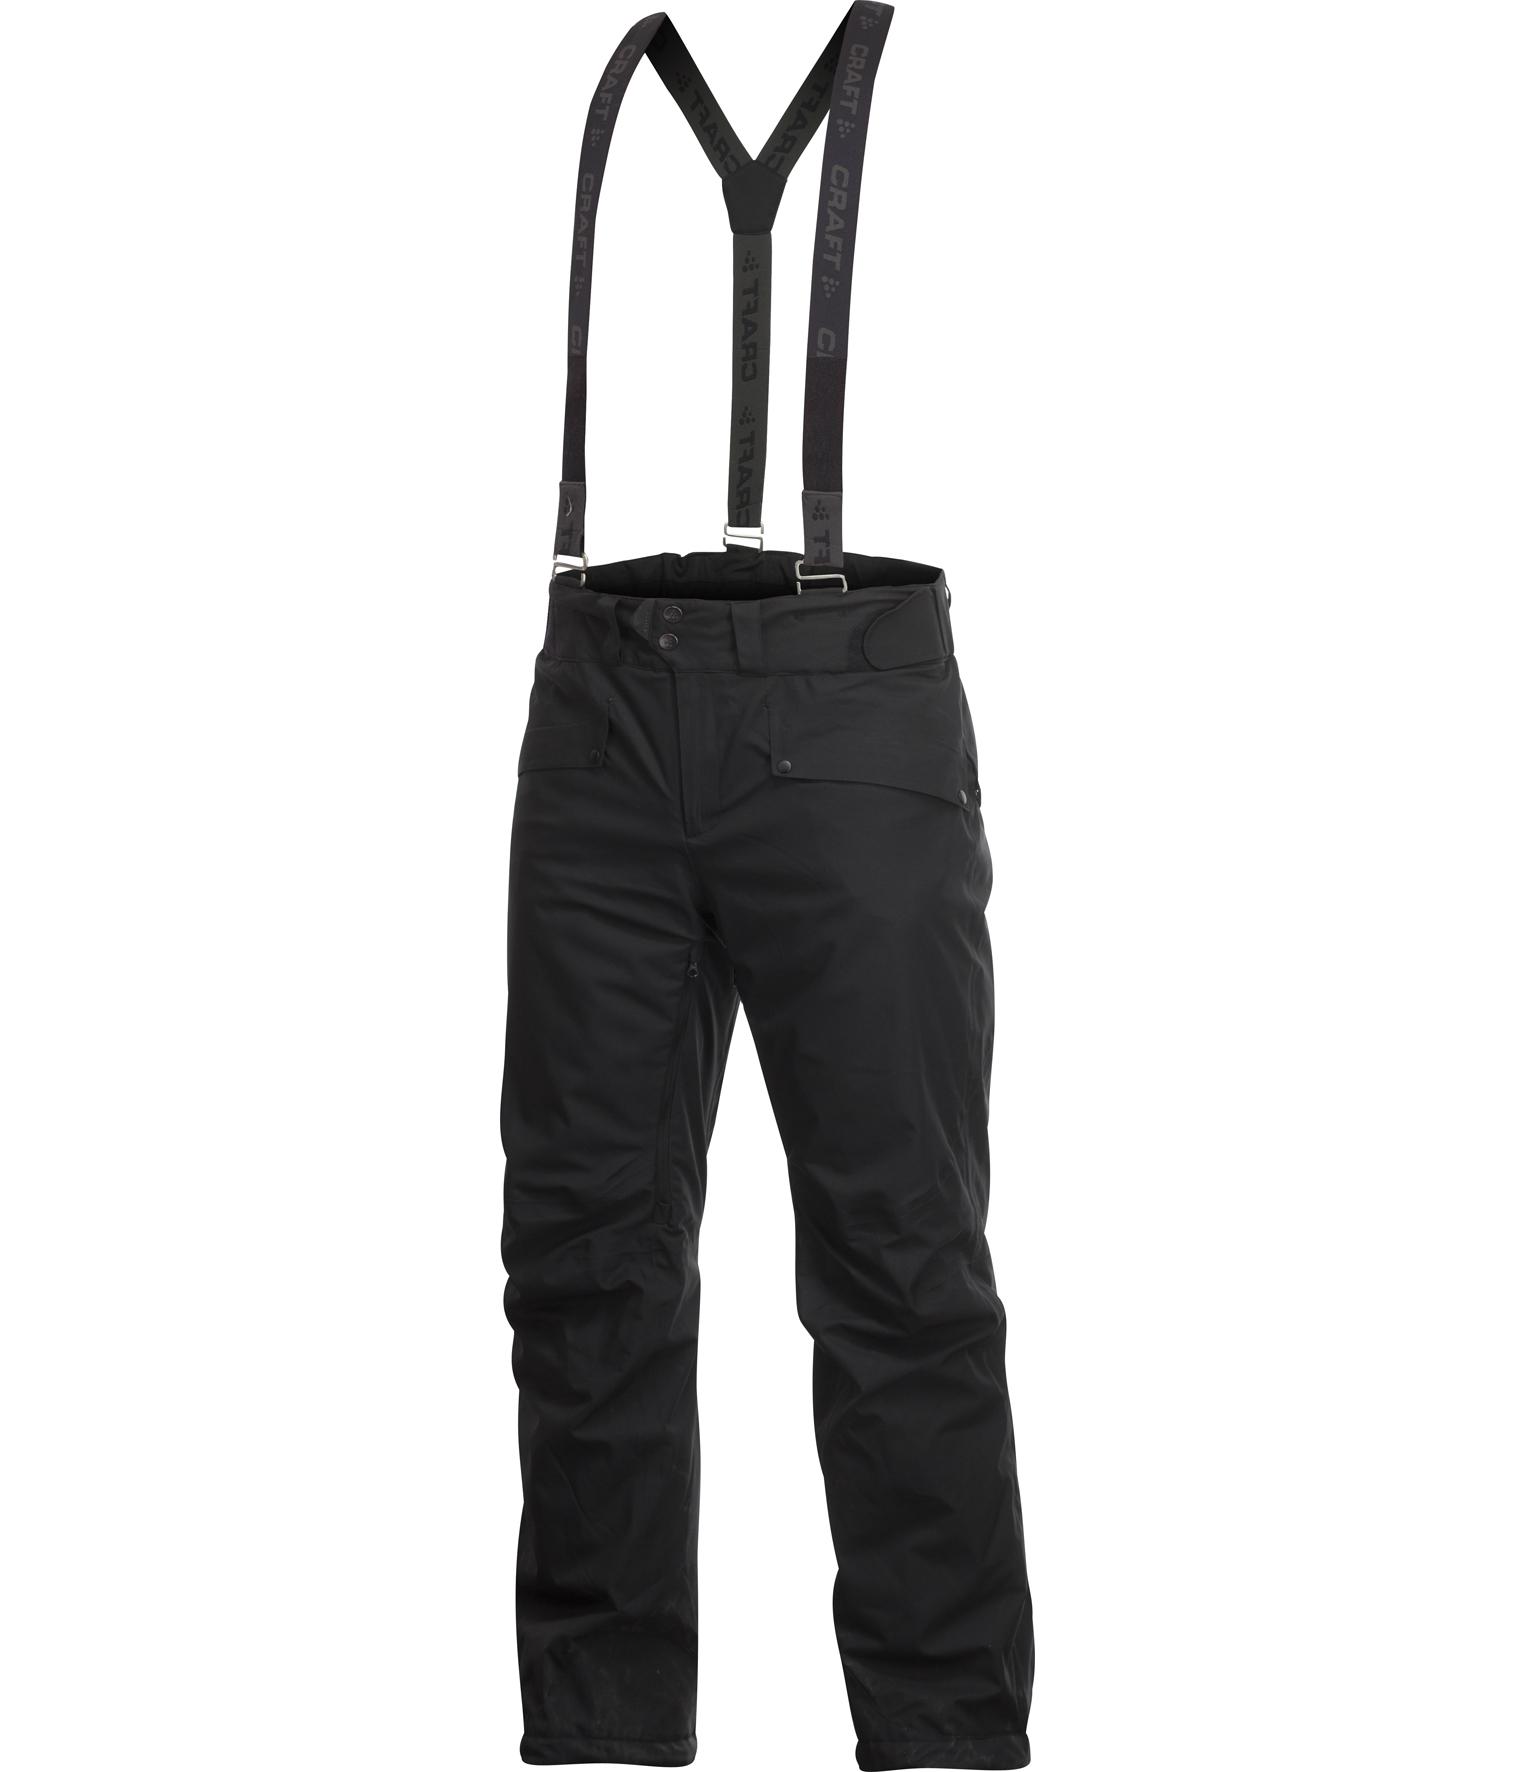 Брюки Craft Warm мужские черные - 3